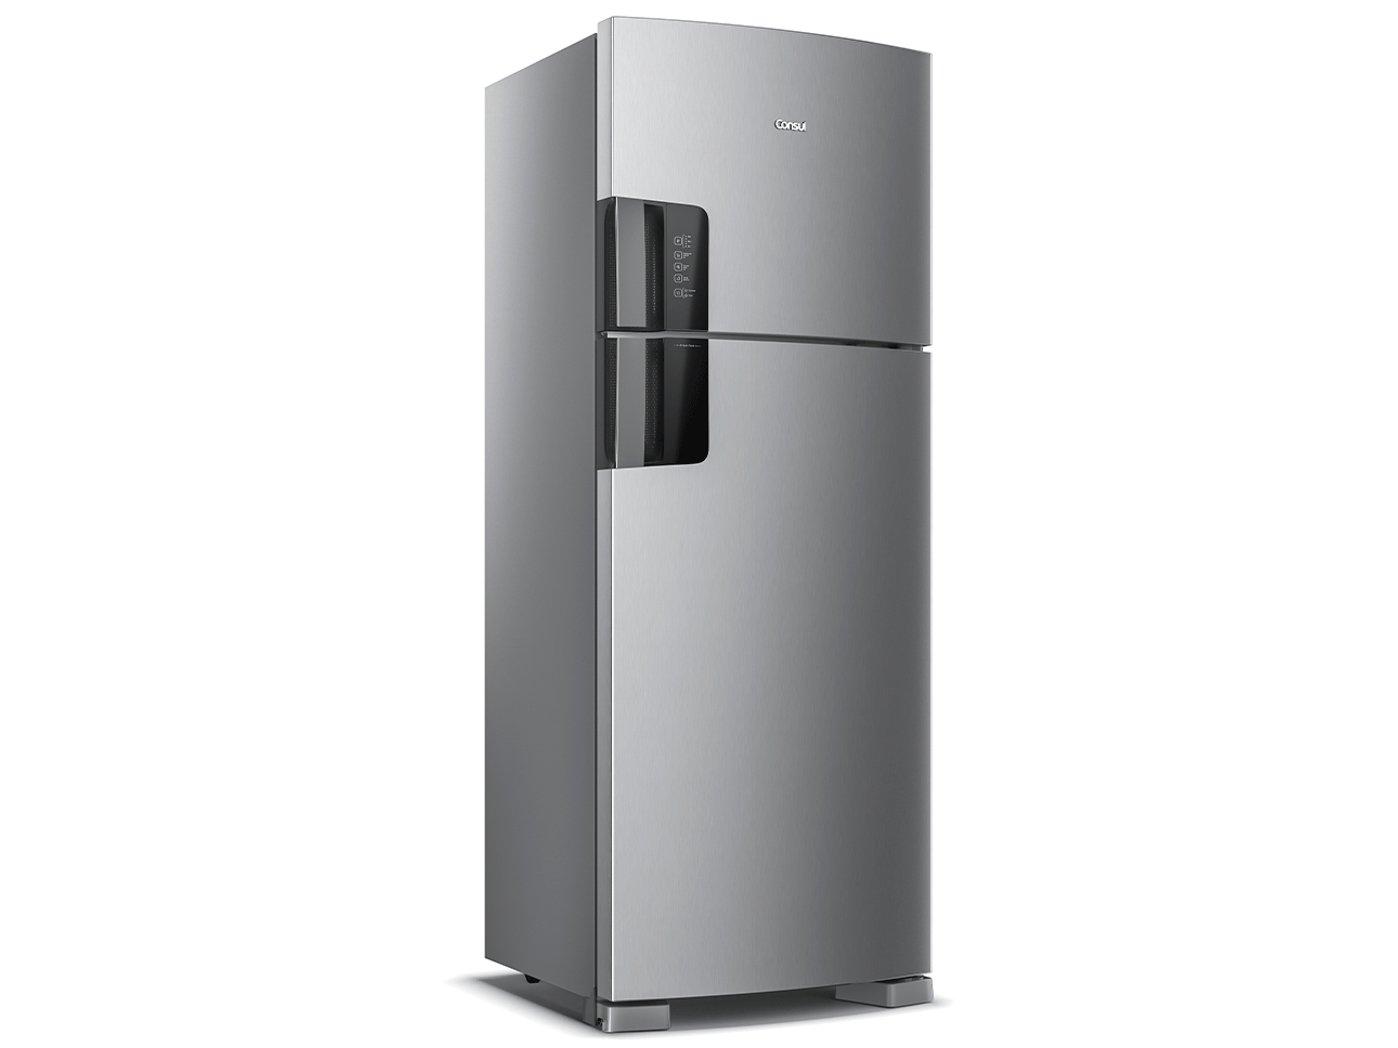 Geladeira/Refrigerador Consul Frost Free - Duplex 450L CRM56HK - 220 V - 3